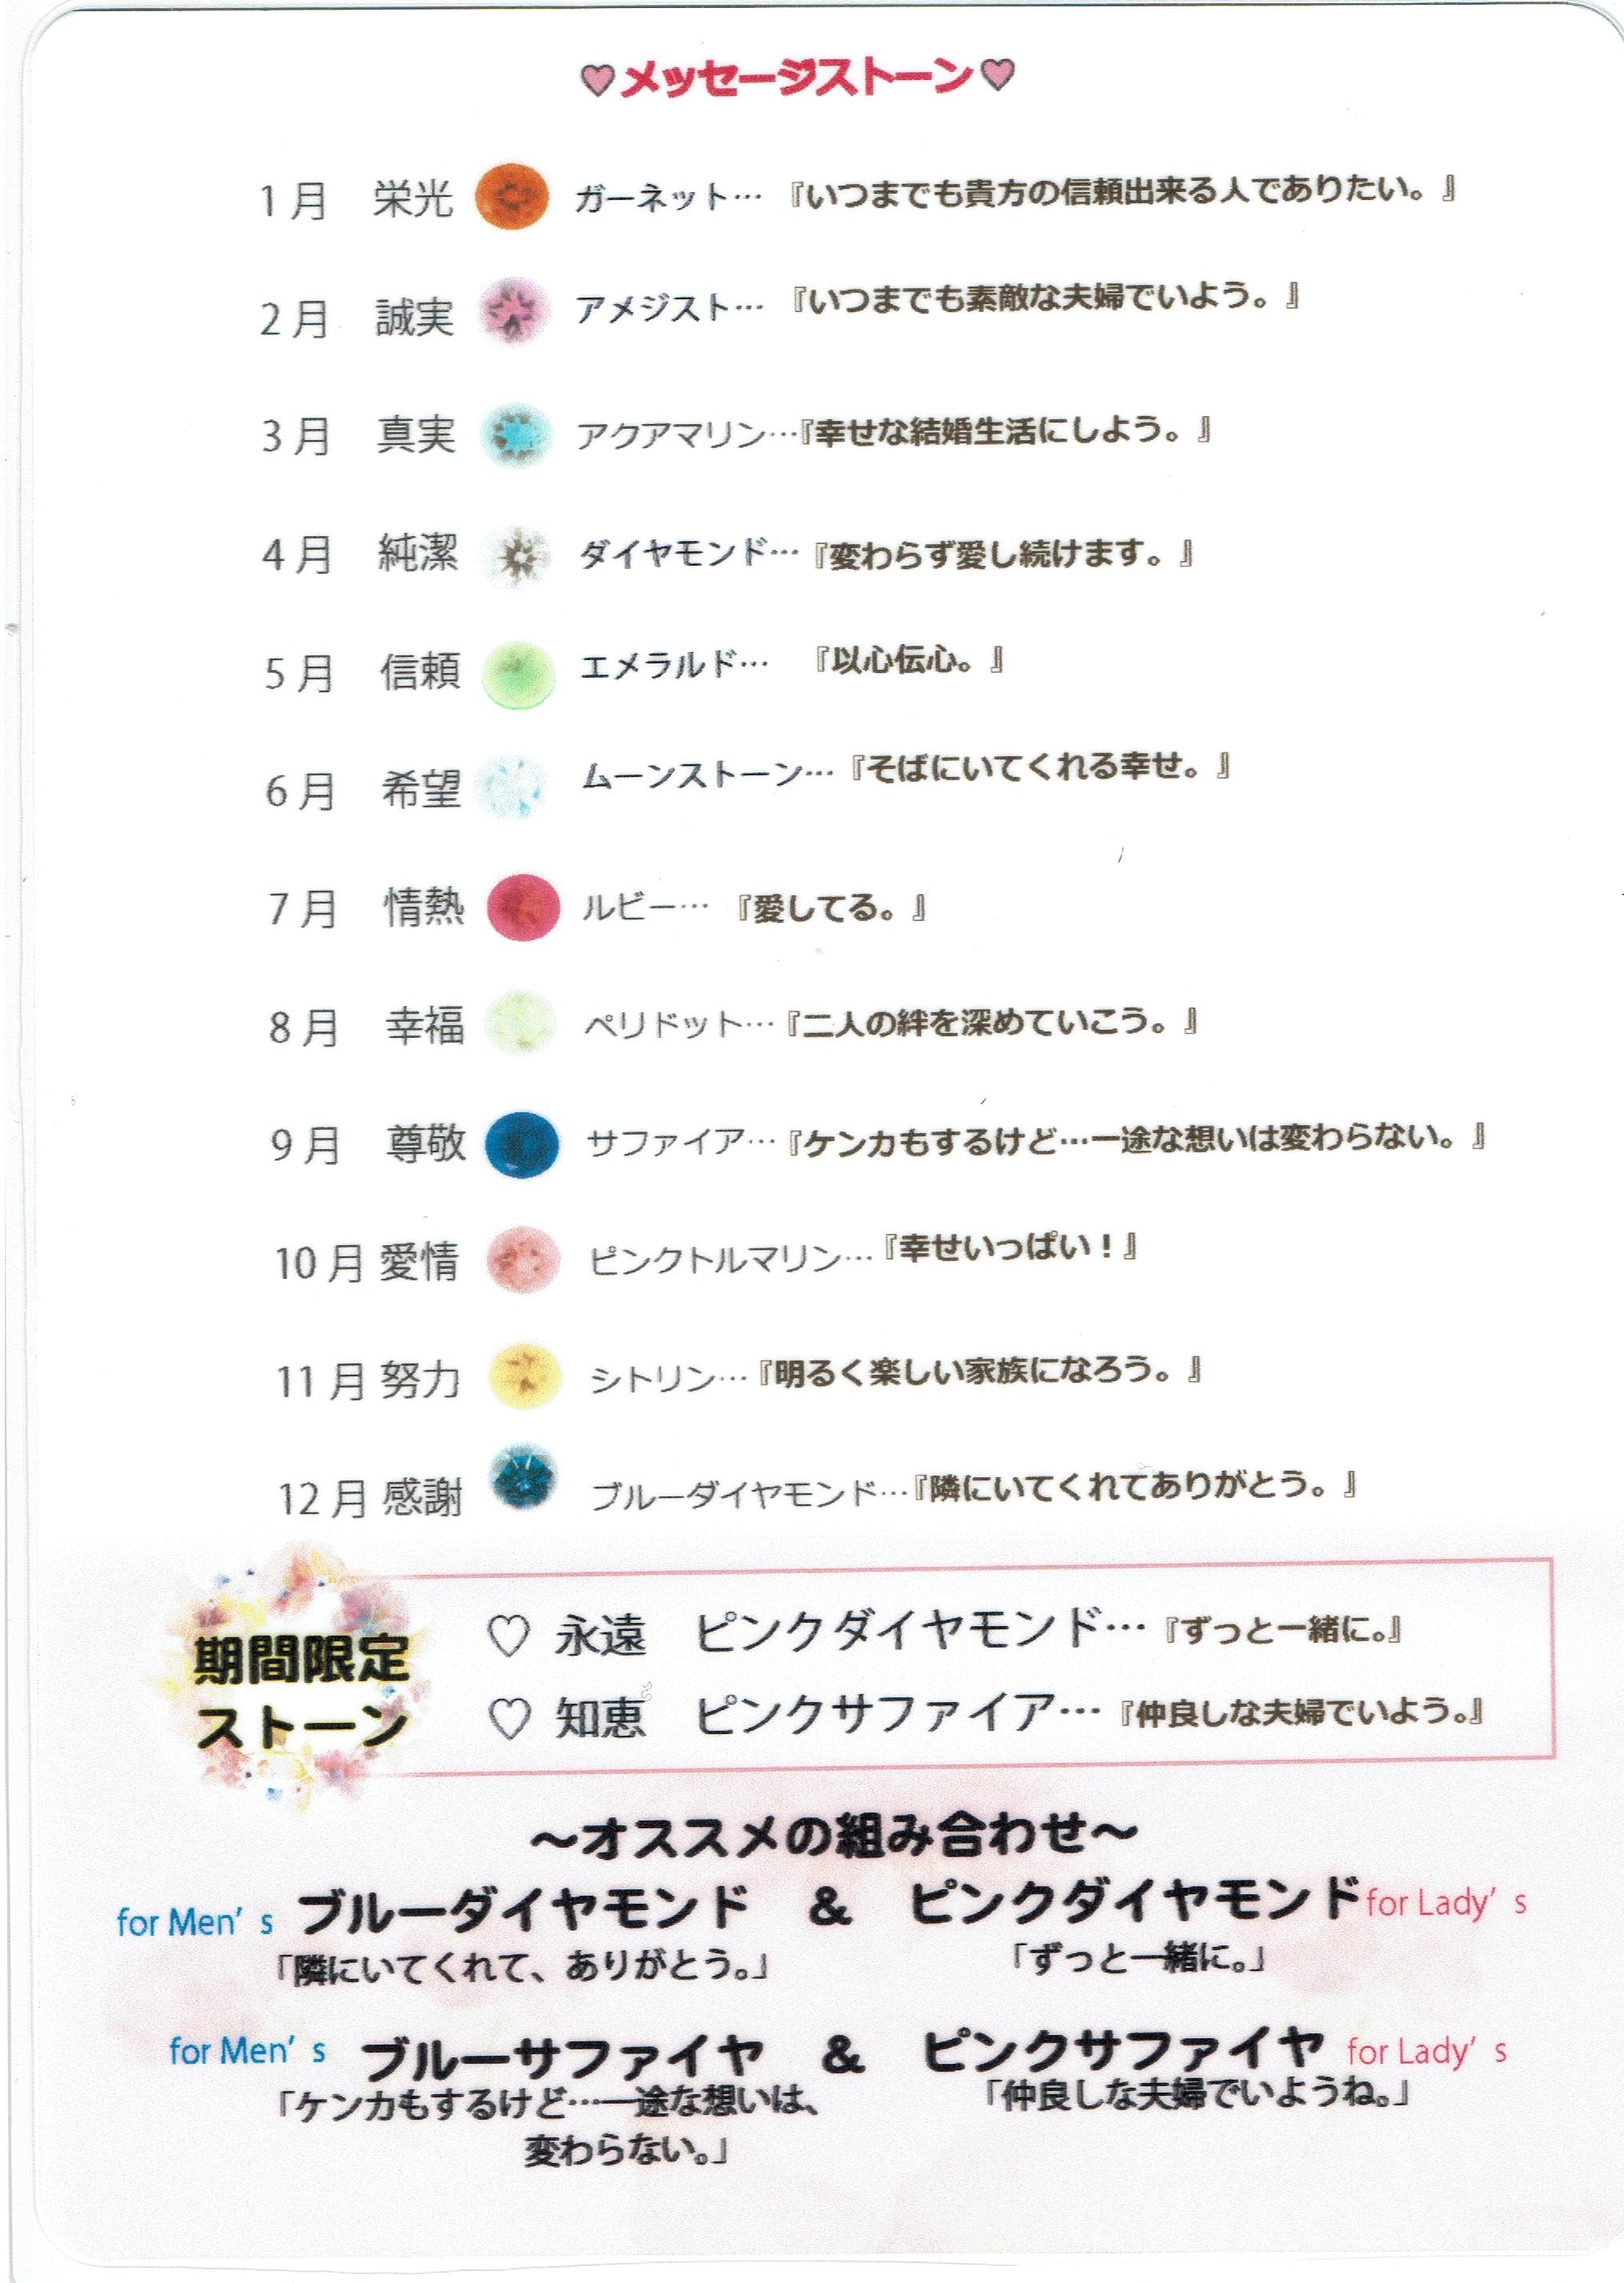 【LoveBond】『SPRING FAIR』メッセージストーンプレゼント2017.3.21~4.23